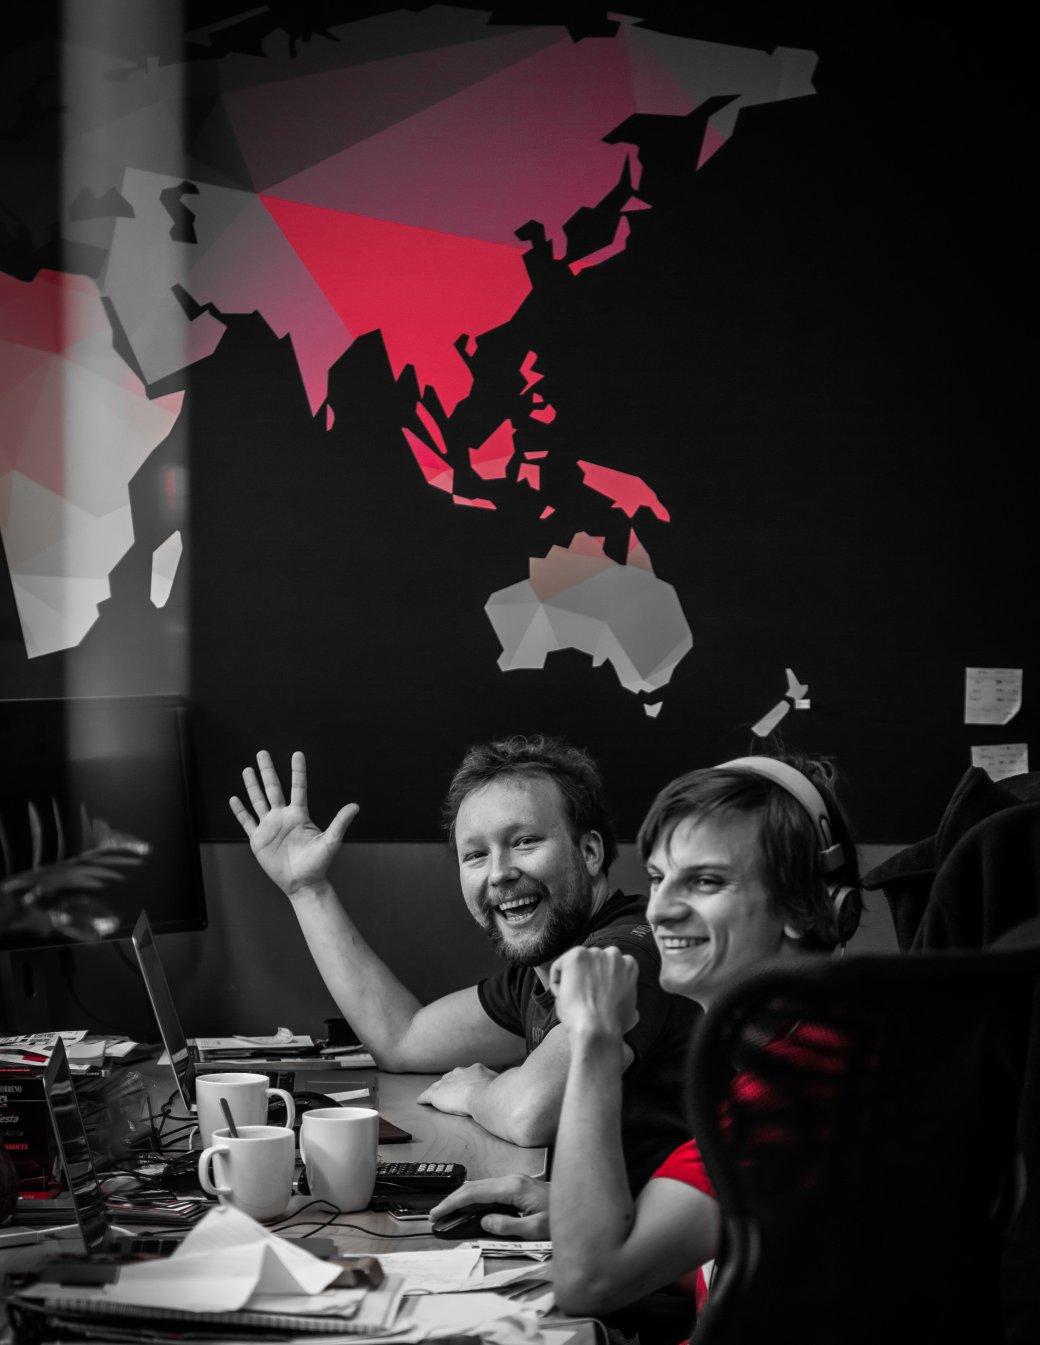 Впечатления от моего первого пресс-тура: студия GOG и CD Projekt RED - Изображение 34